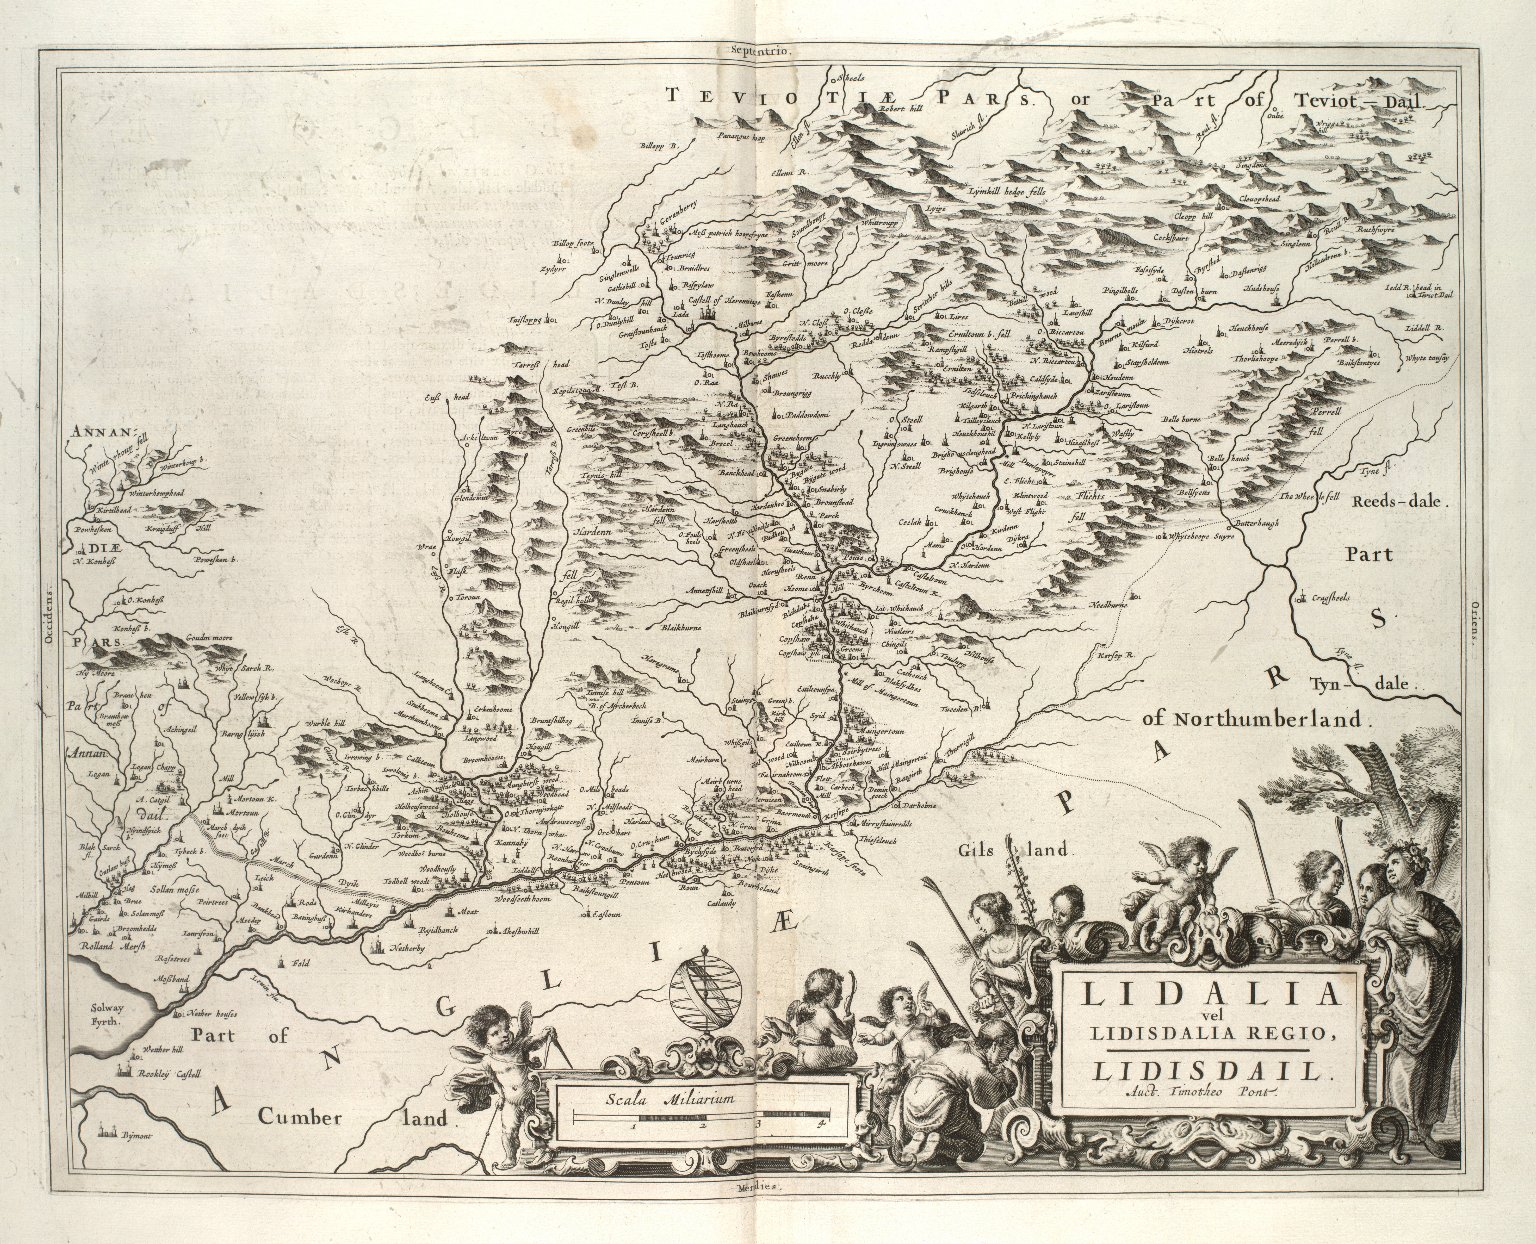 Lidalia vel Lidisdalia regio = Lidisdail [i.e. Liddesdale] [1 of 1]